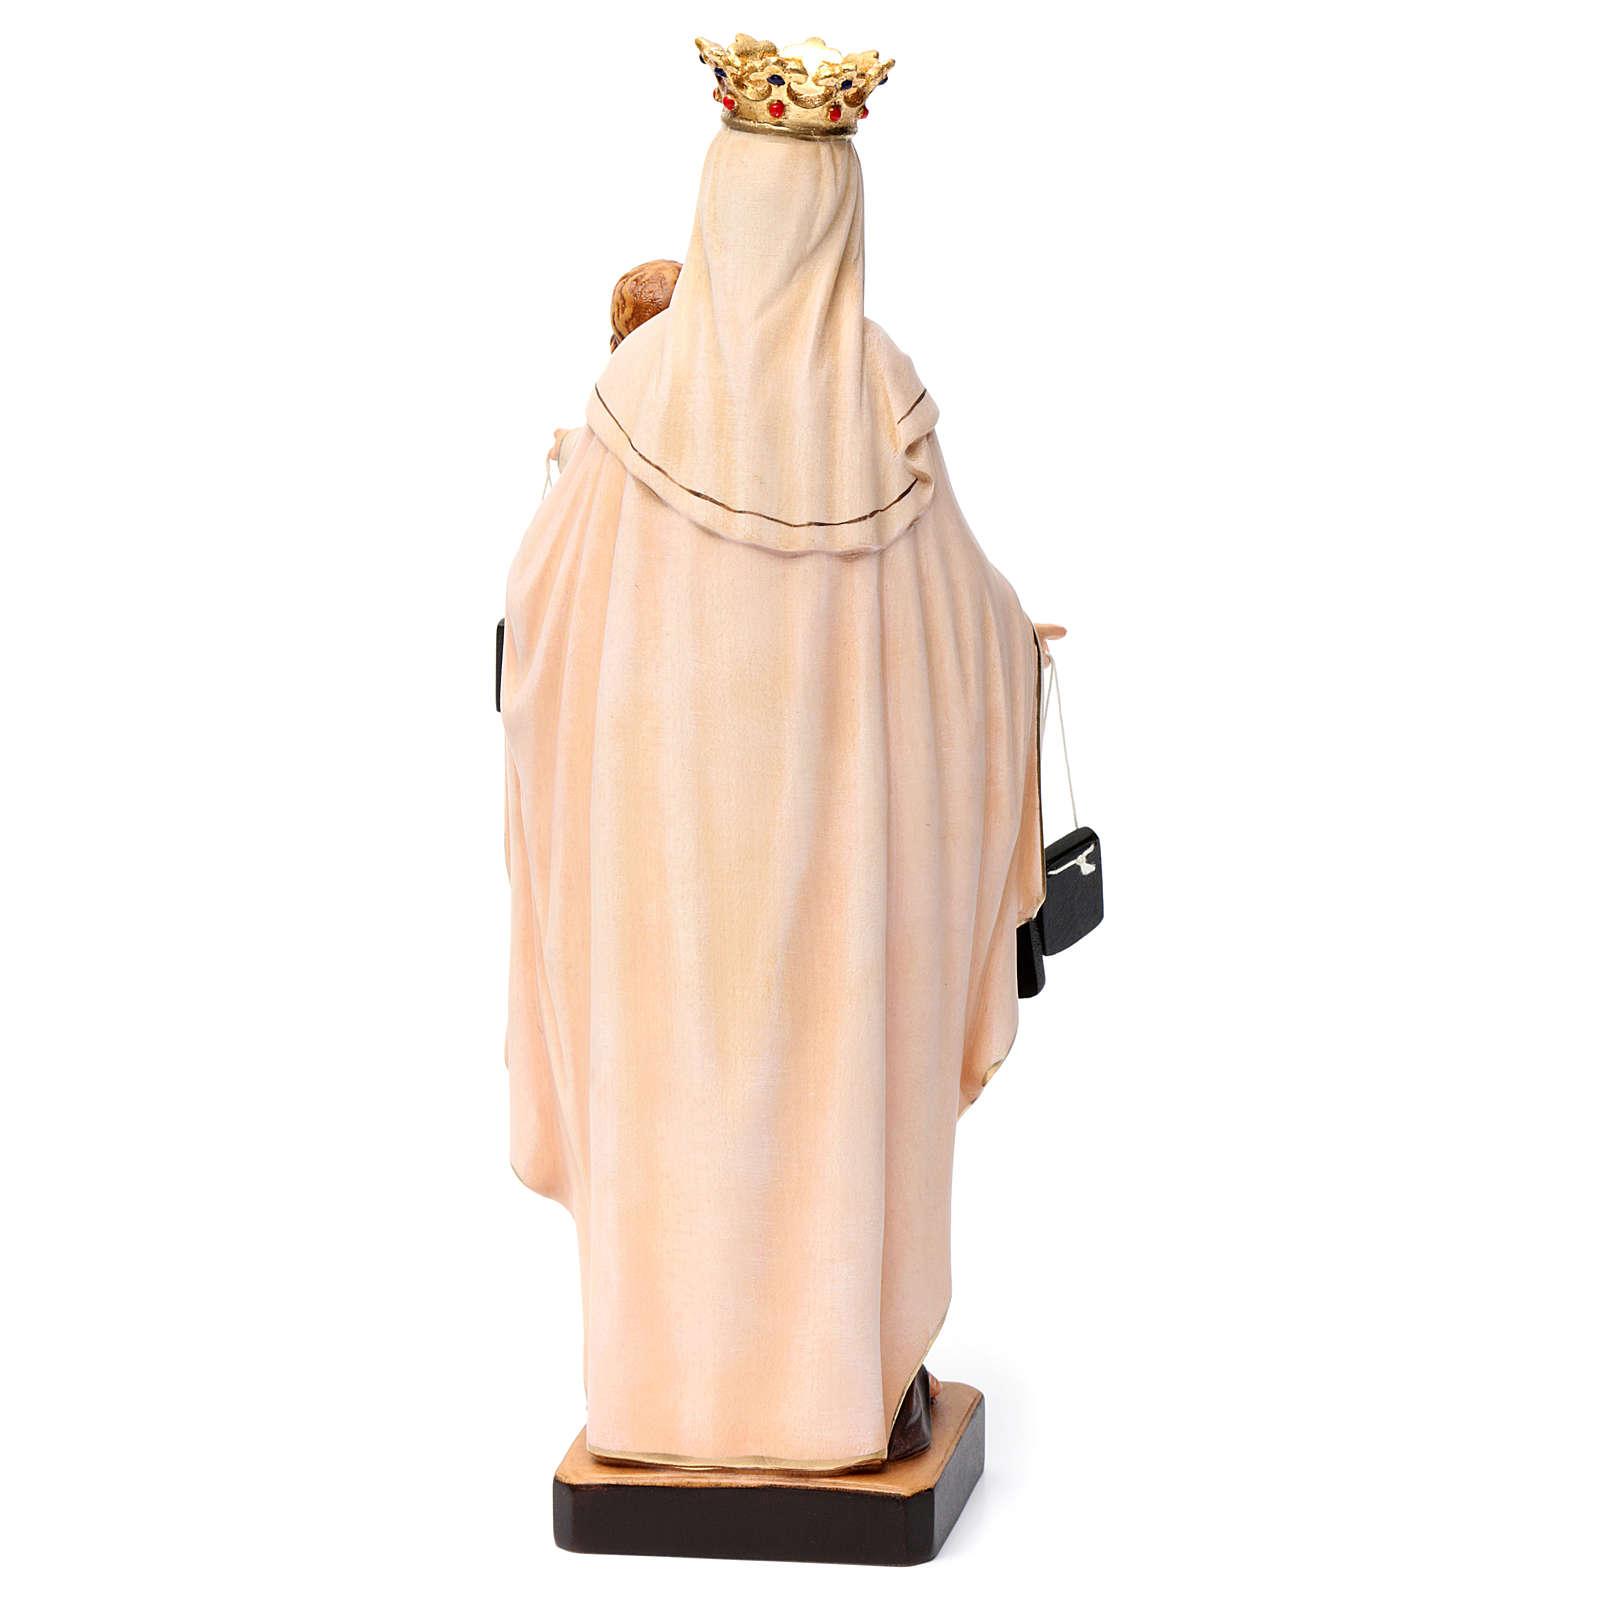 Nossa Senhora do Carmo madeira Val Gardena pintada 4